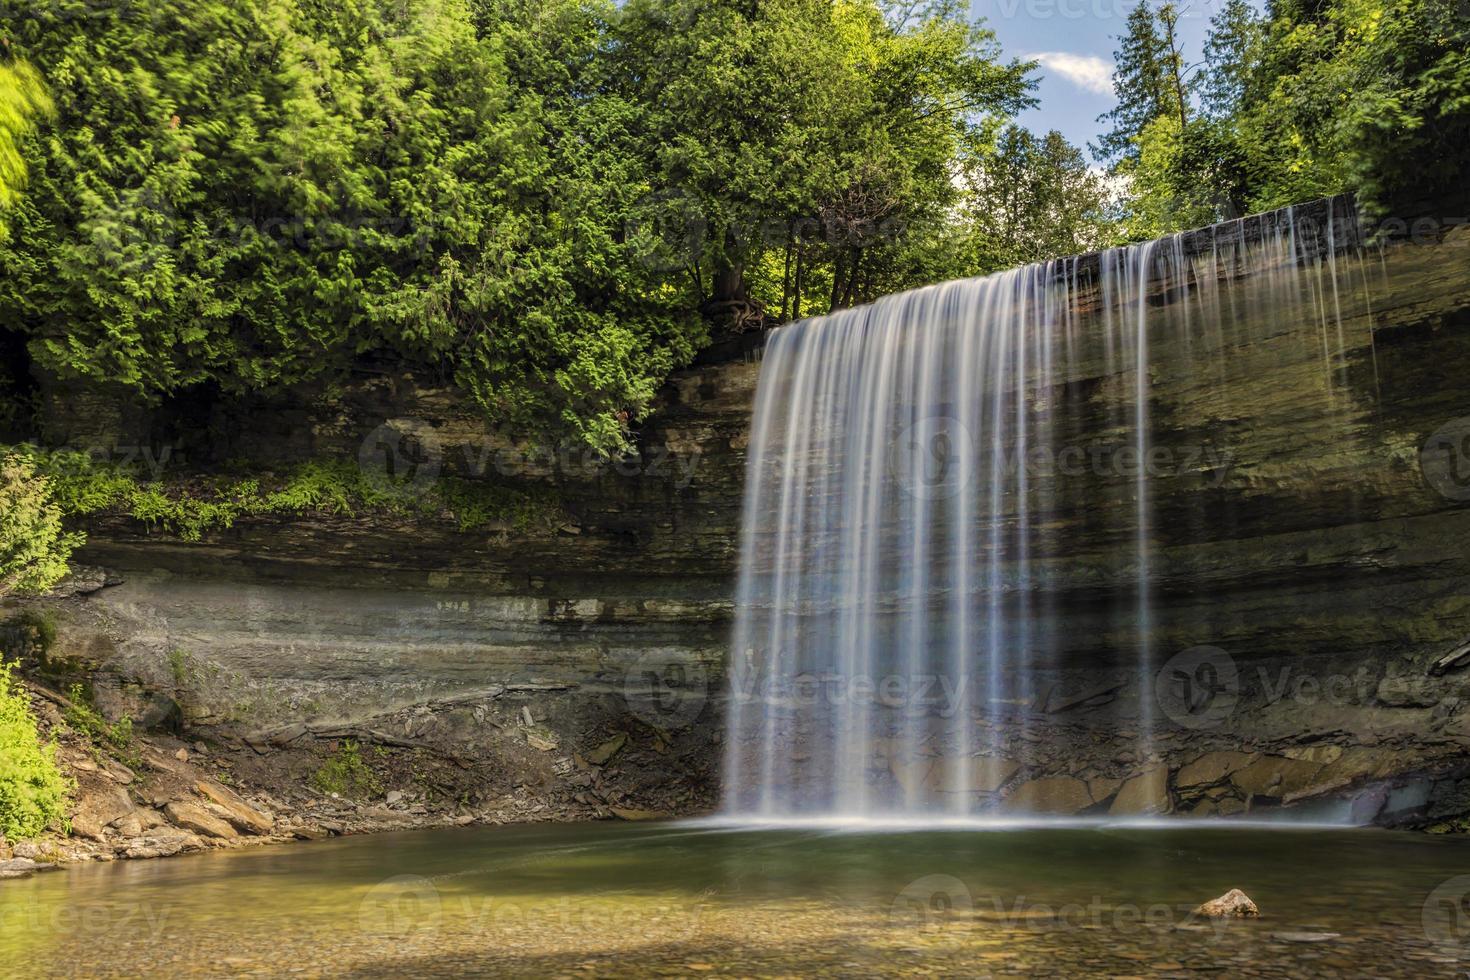 Wasserfall im Sommer foto